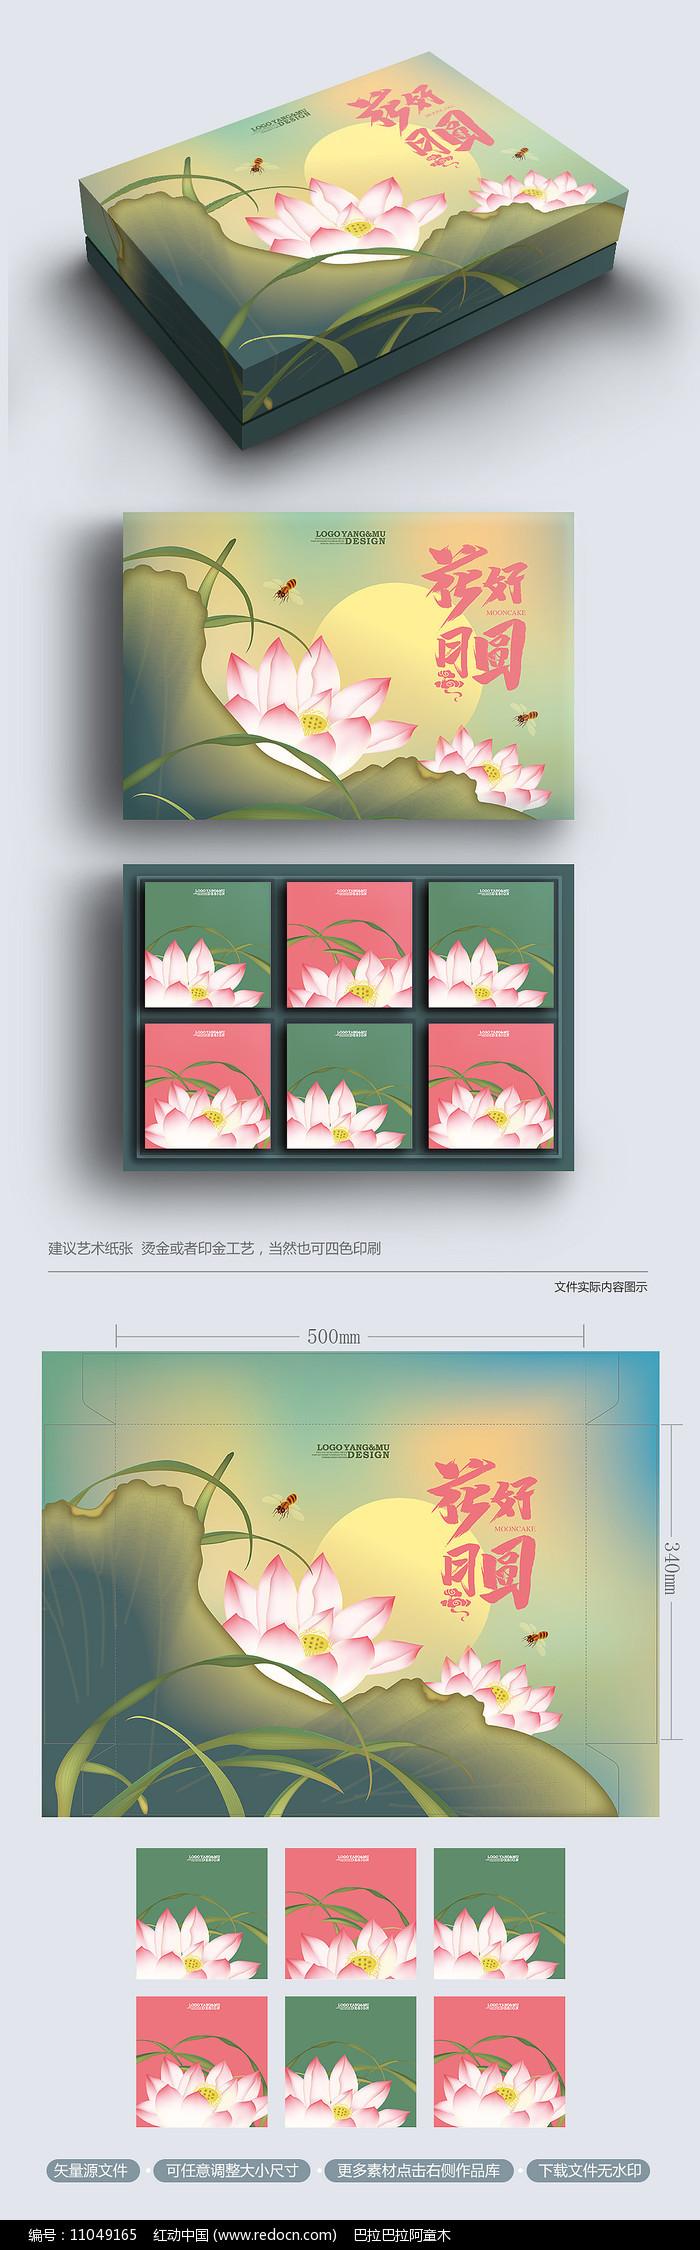 原创唯美中国风国画荷叶中秋月饼包装礼盒图片